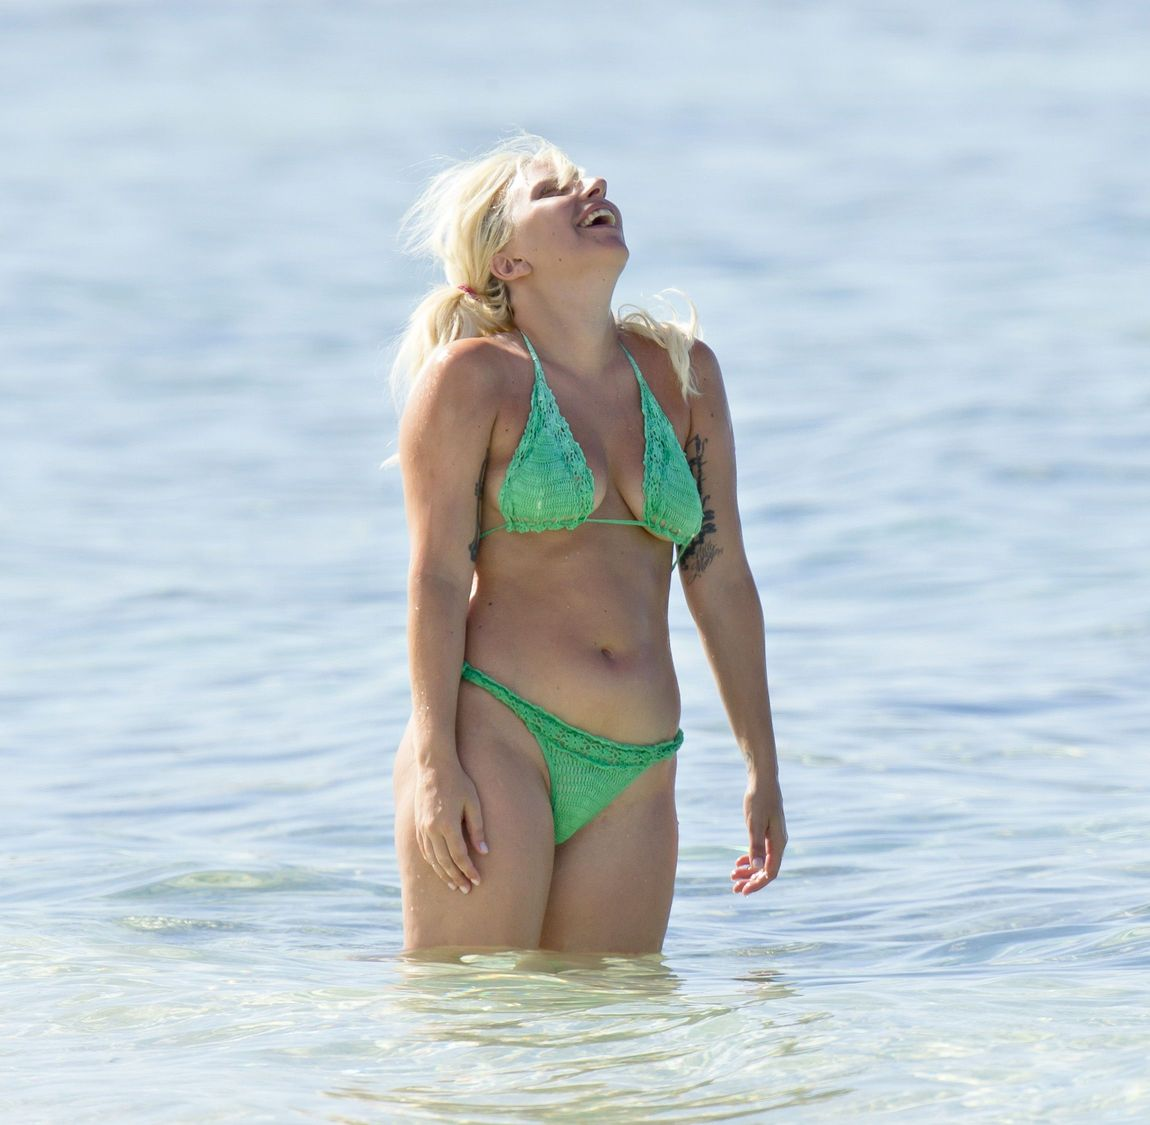 Lady-Gaga-in-Bikini-34